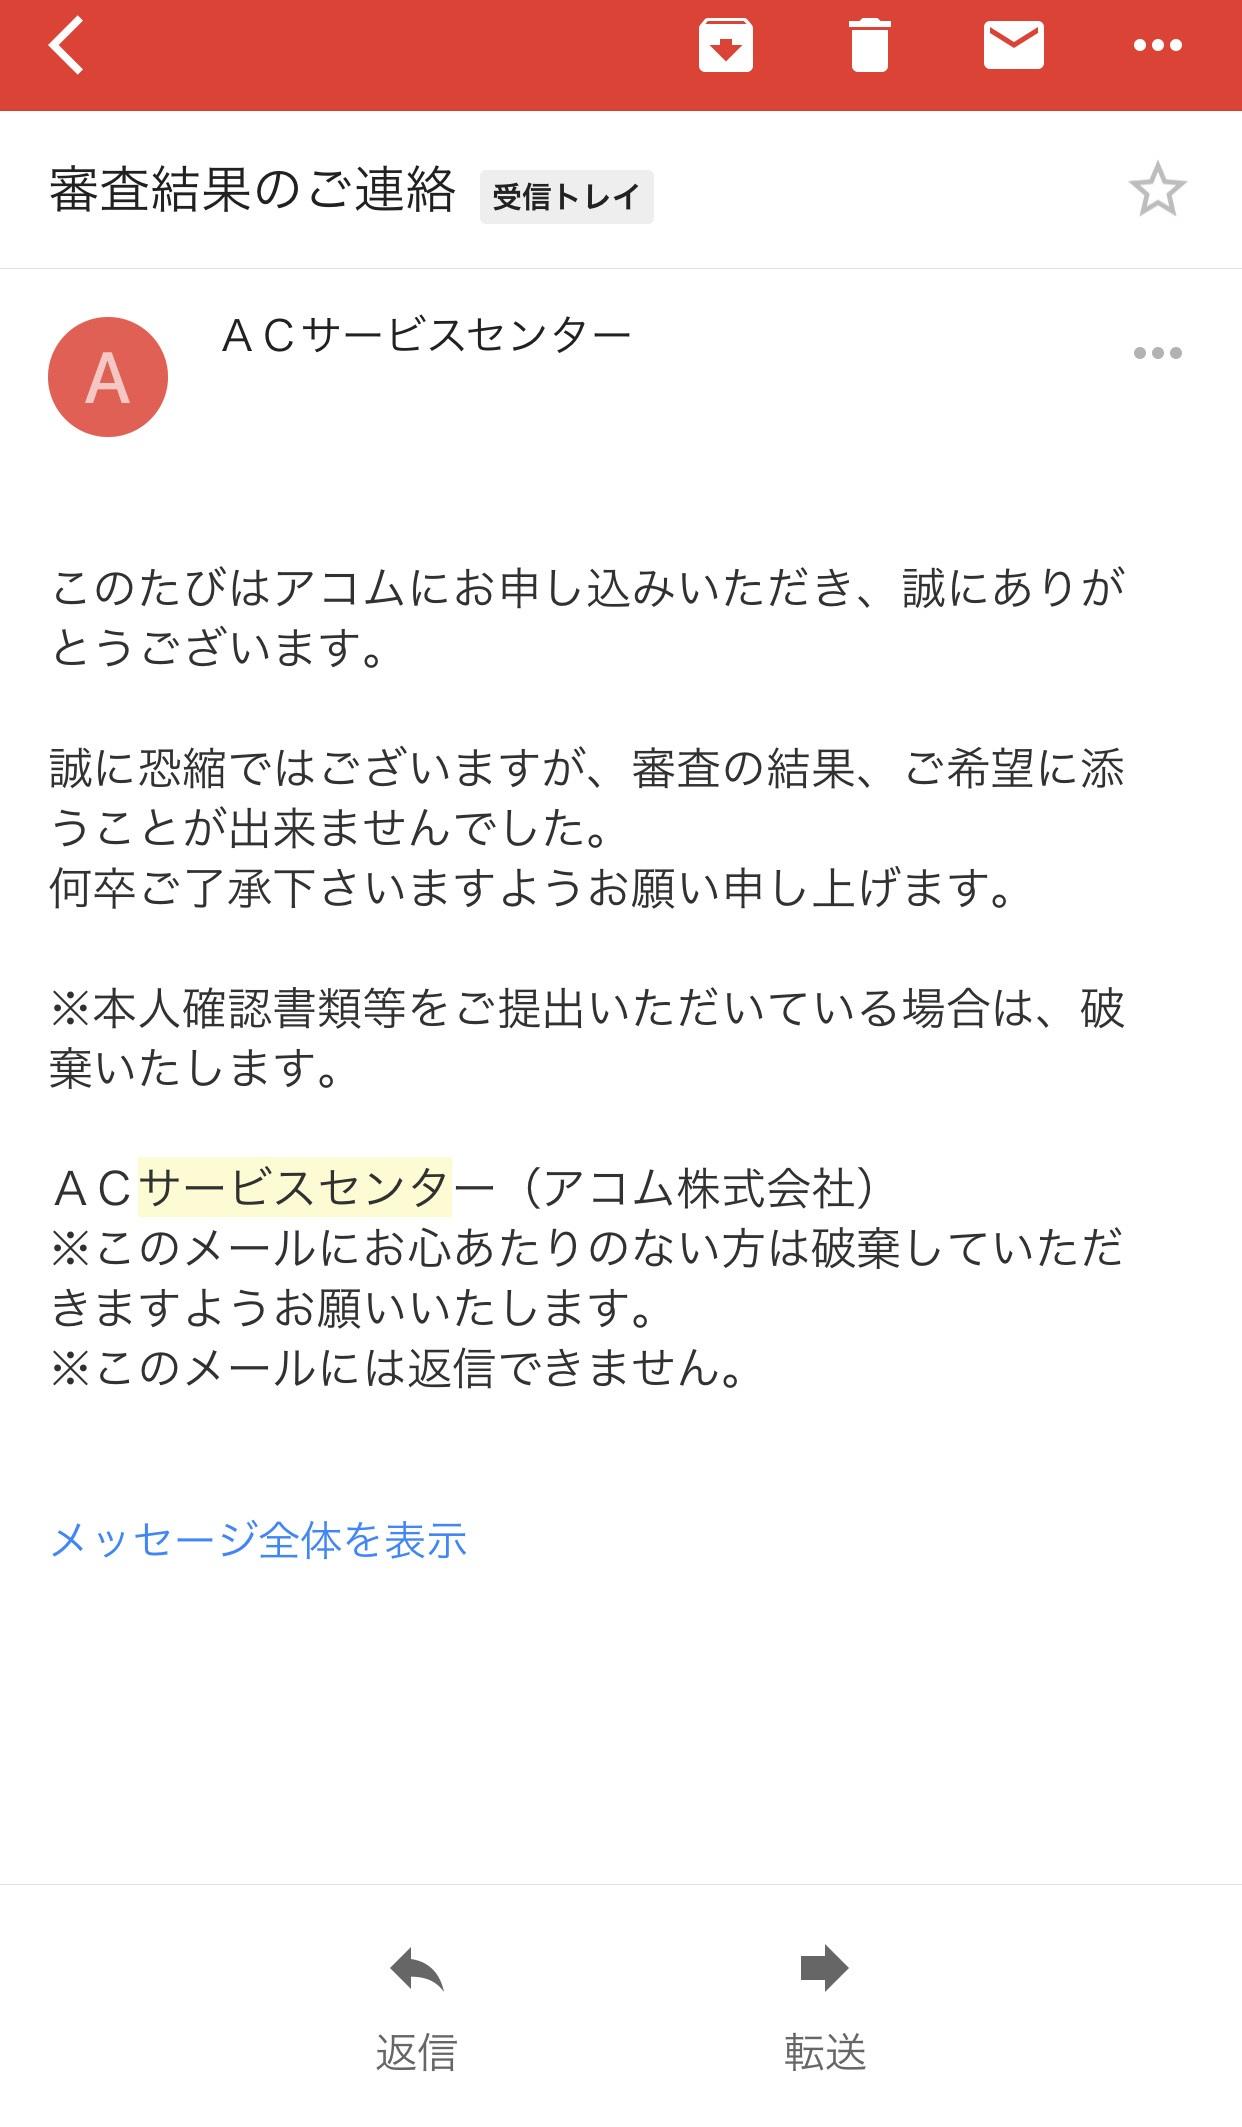 ACカード審査結果メール